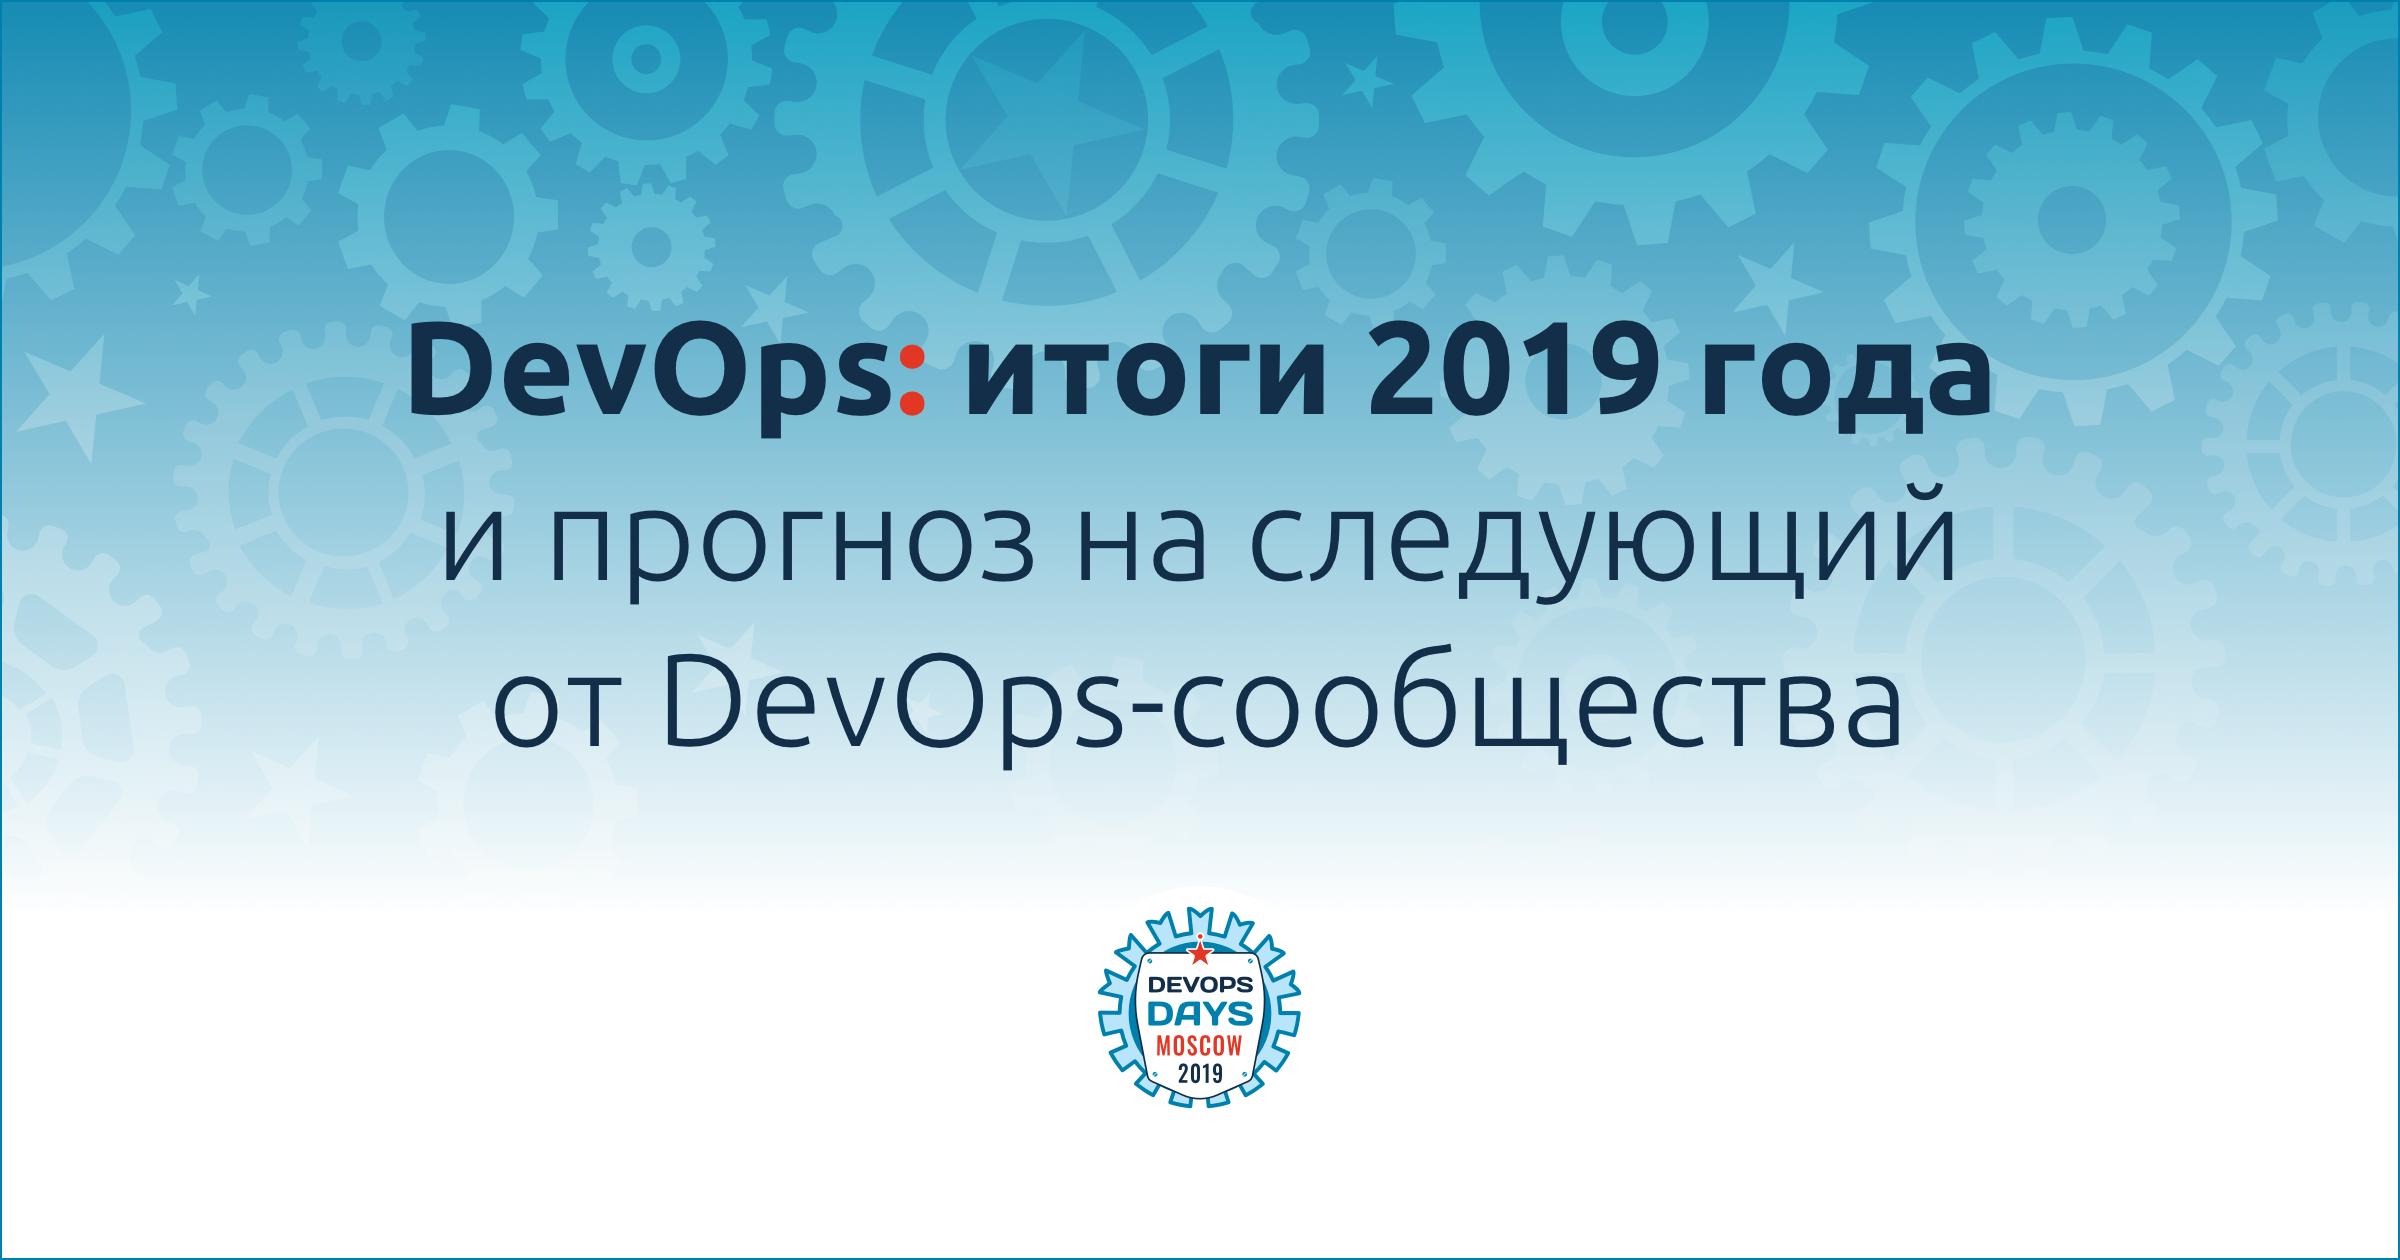 DevOps: итоги 2019 года и прогноз на следующий от DevOps-сообщества - 1